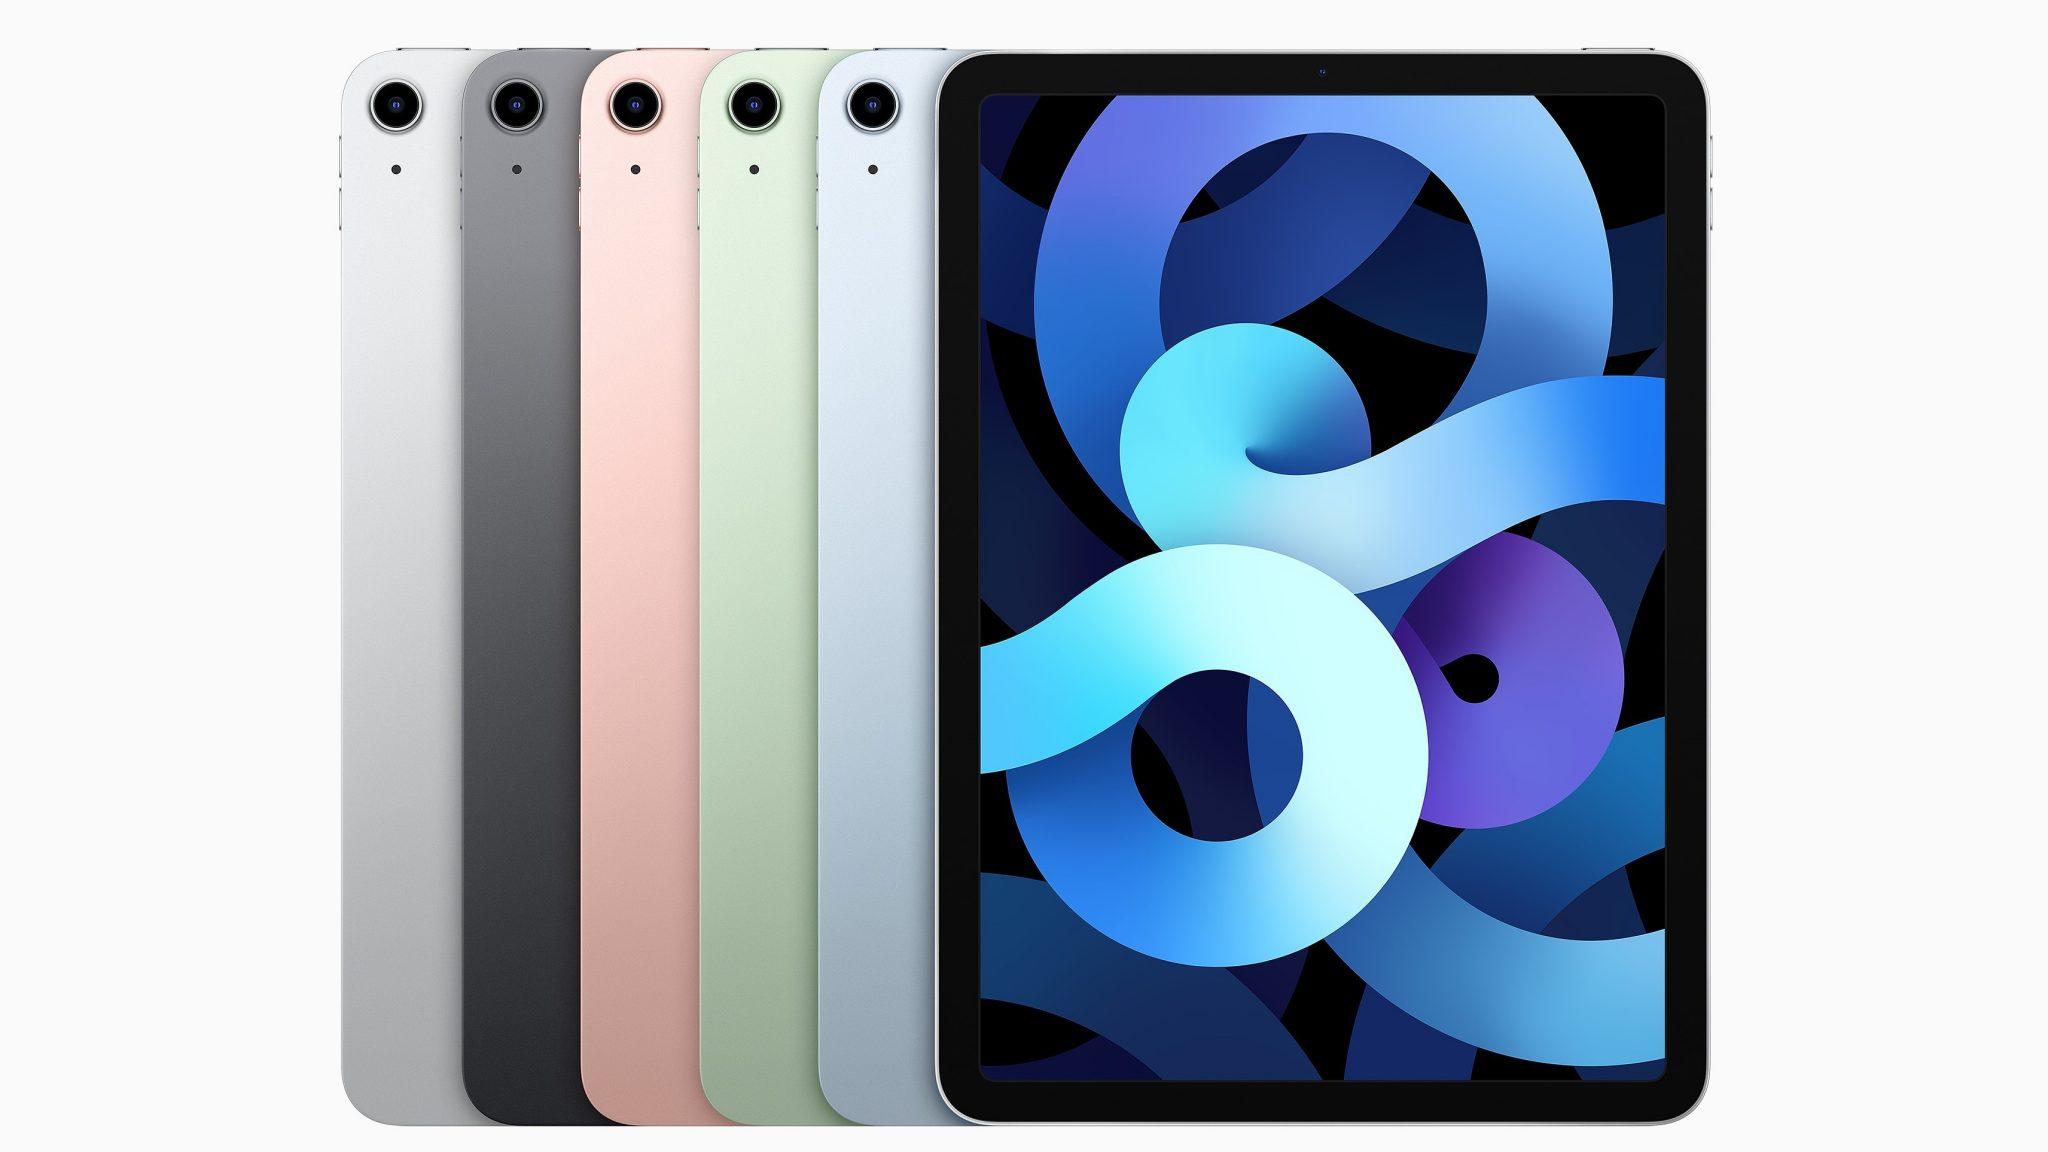 Modelos do ipad air 4ª geração emplihados: cinza, rosa, verde, azul virados de costas, prateado virado pra frente